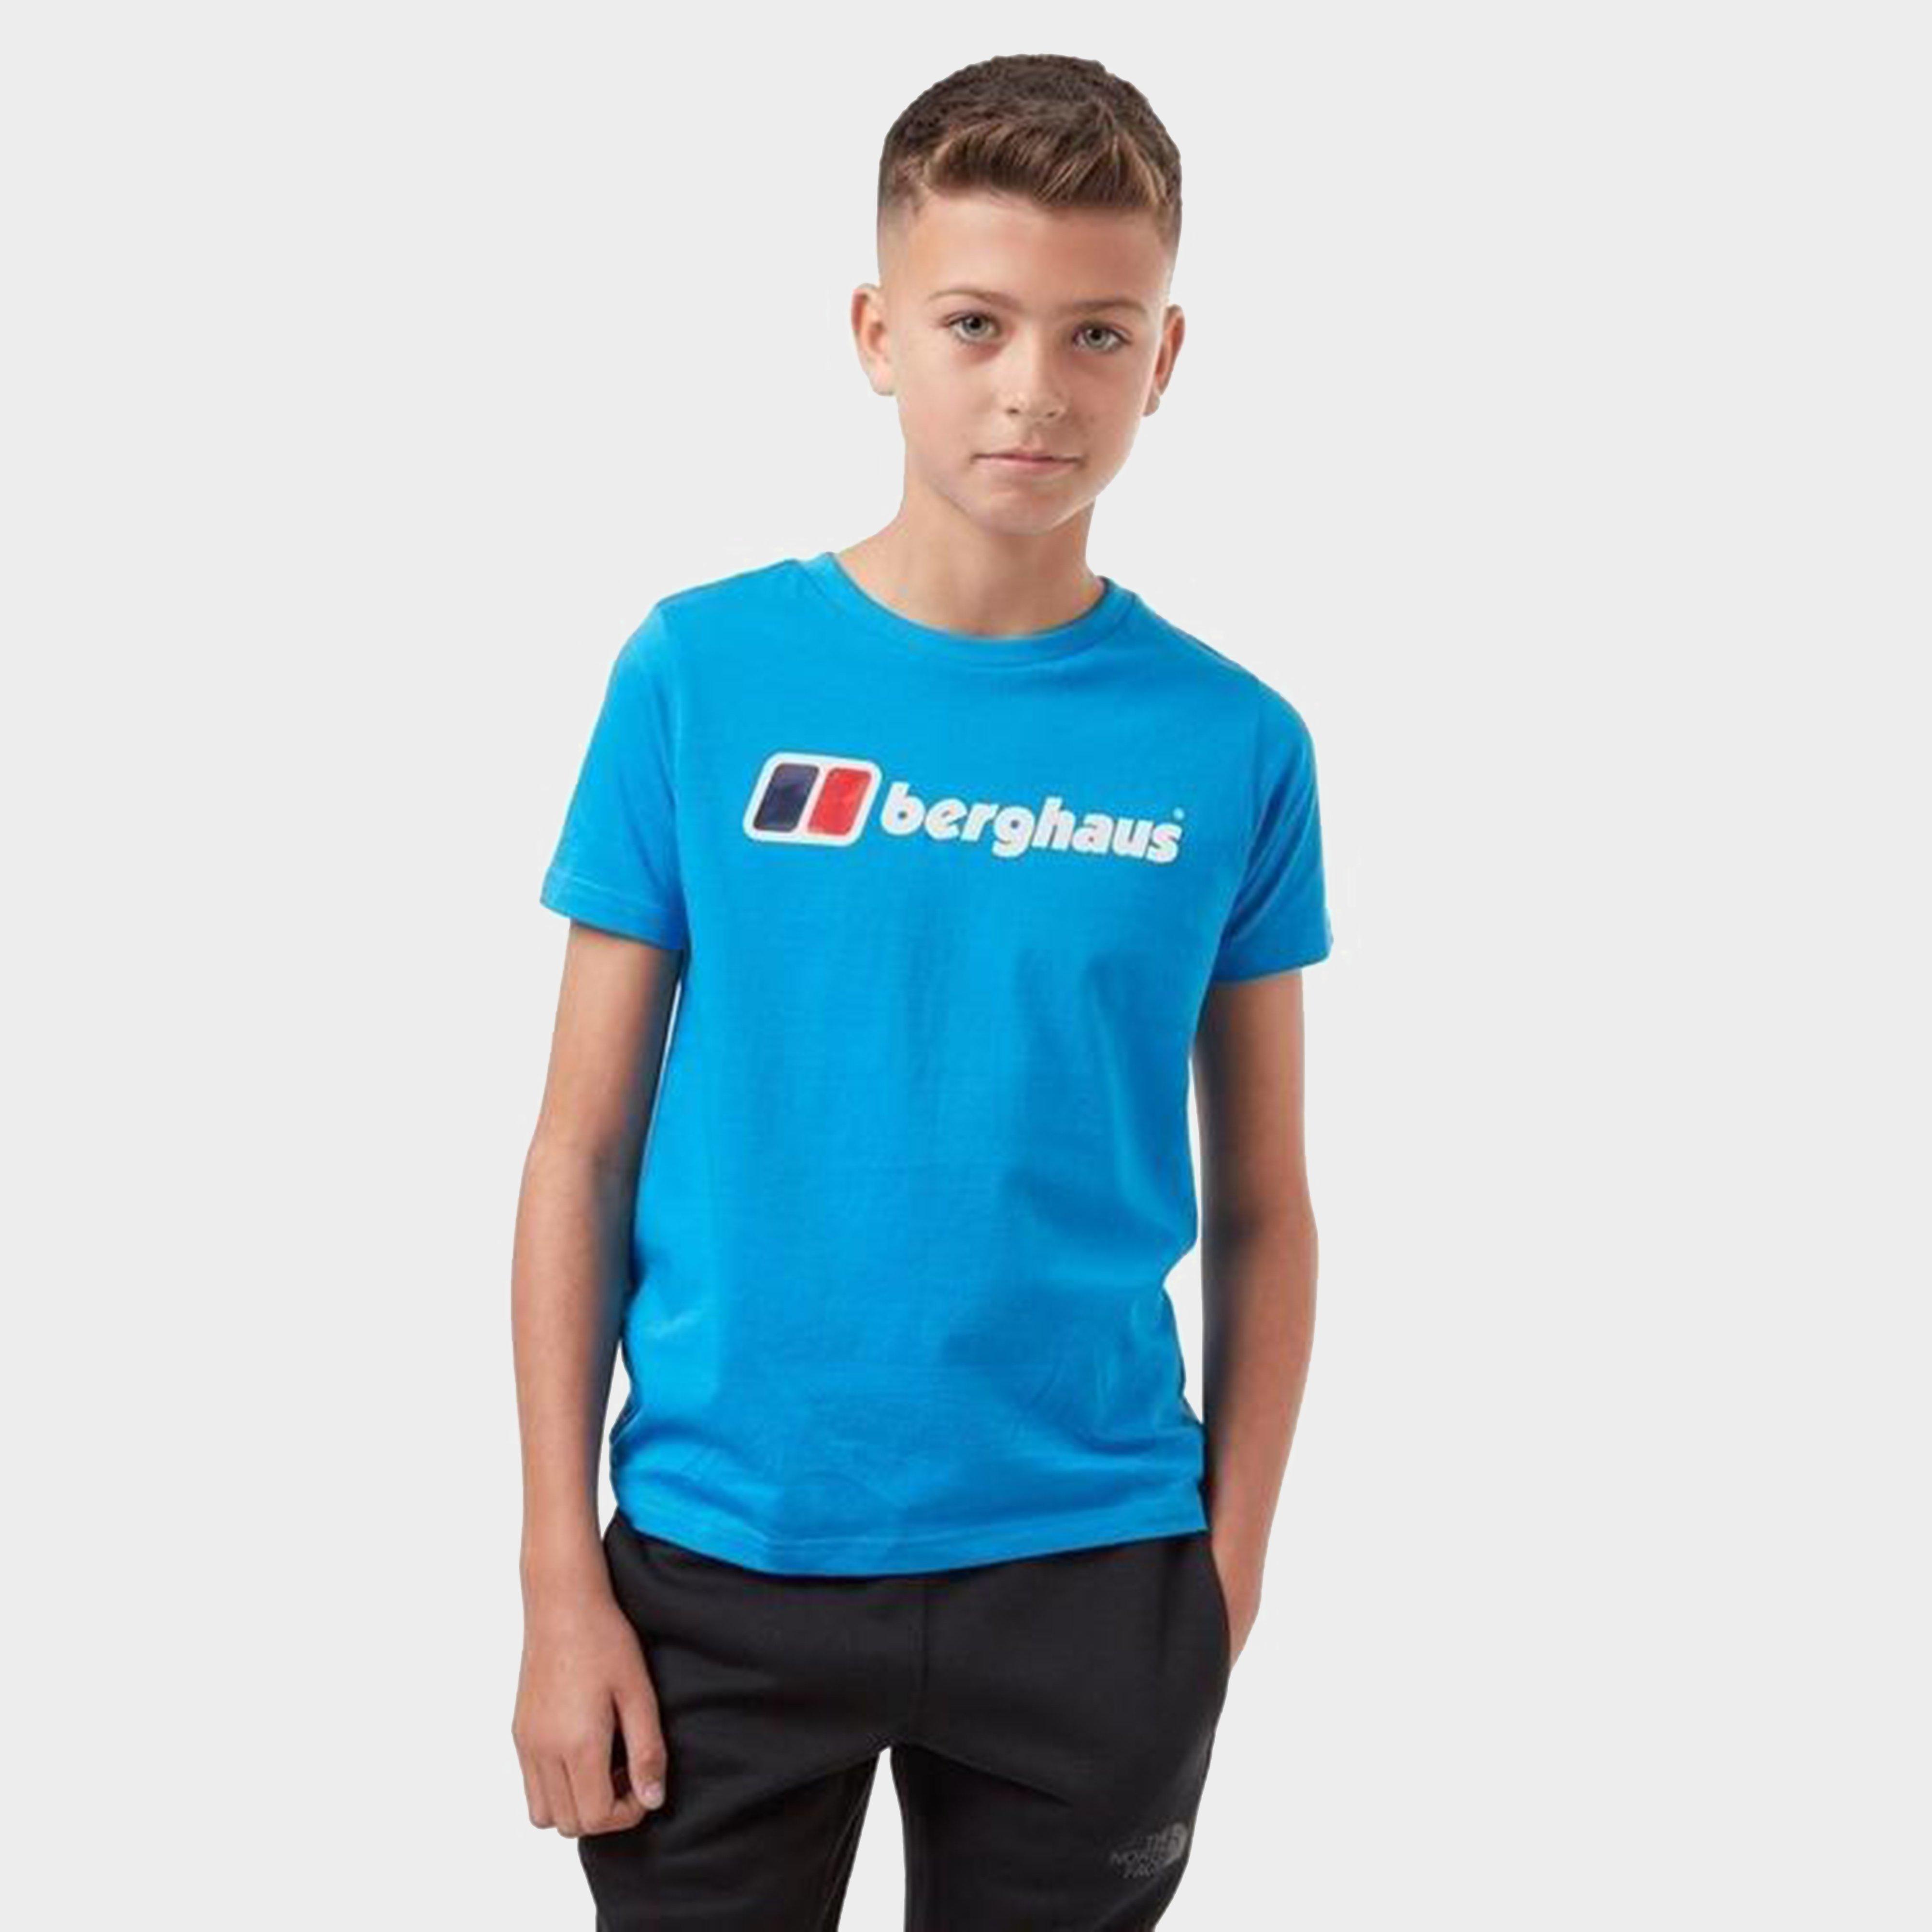 Berghaus Kids Logo T-shirt - Blue/blue  Blue/blue